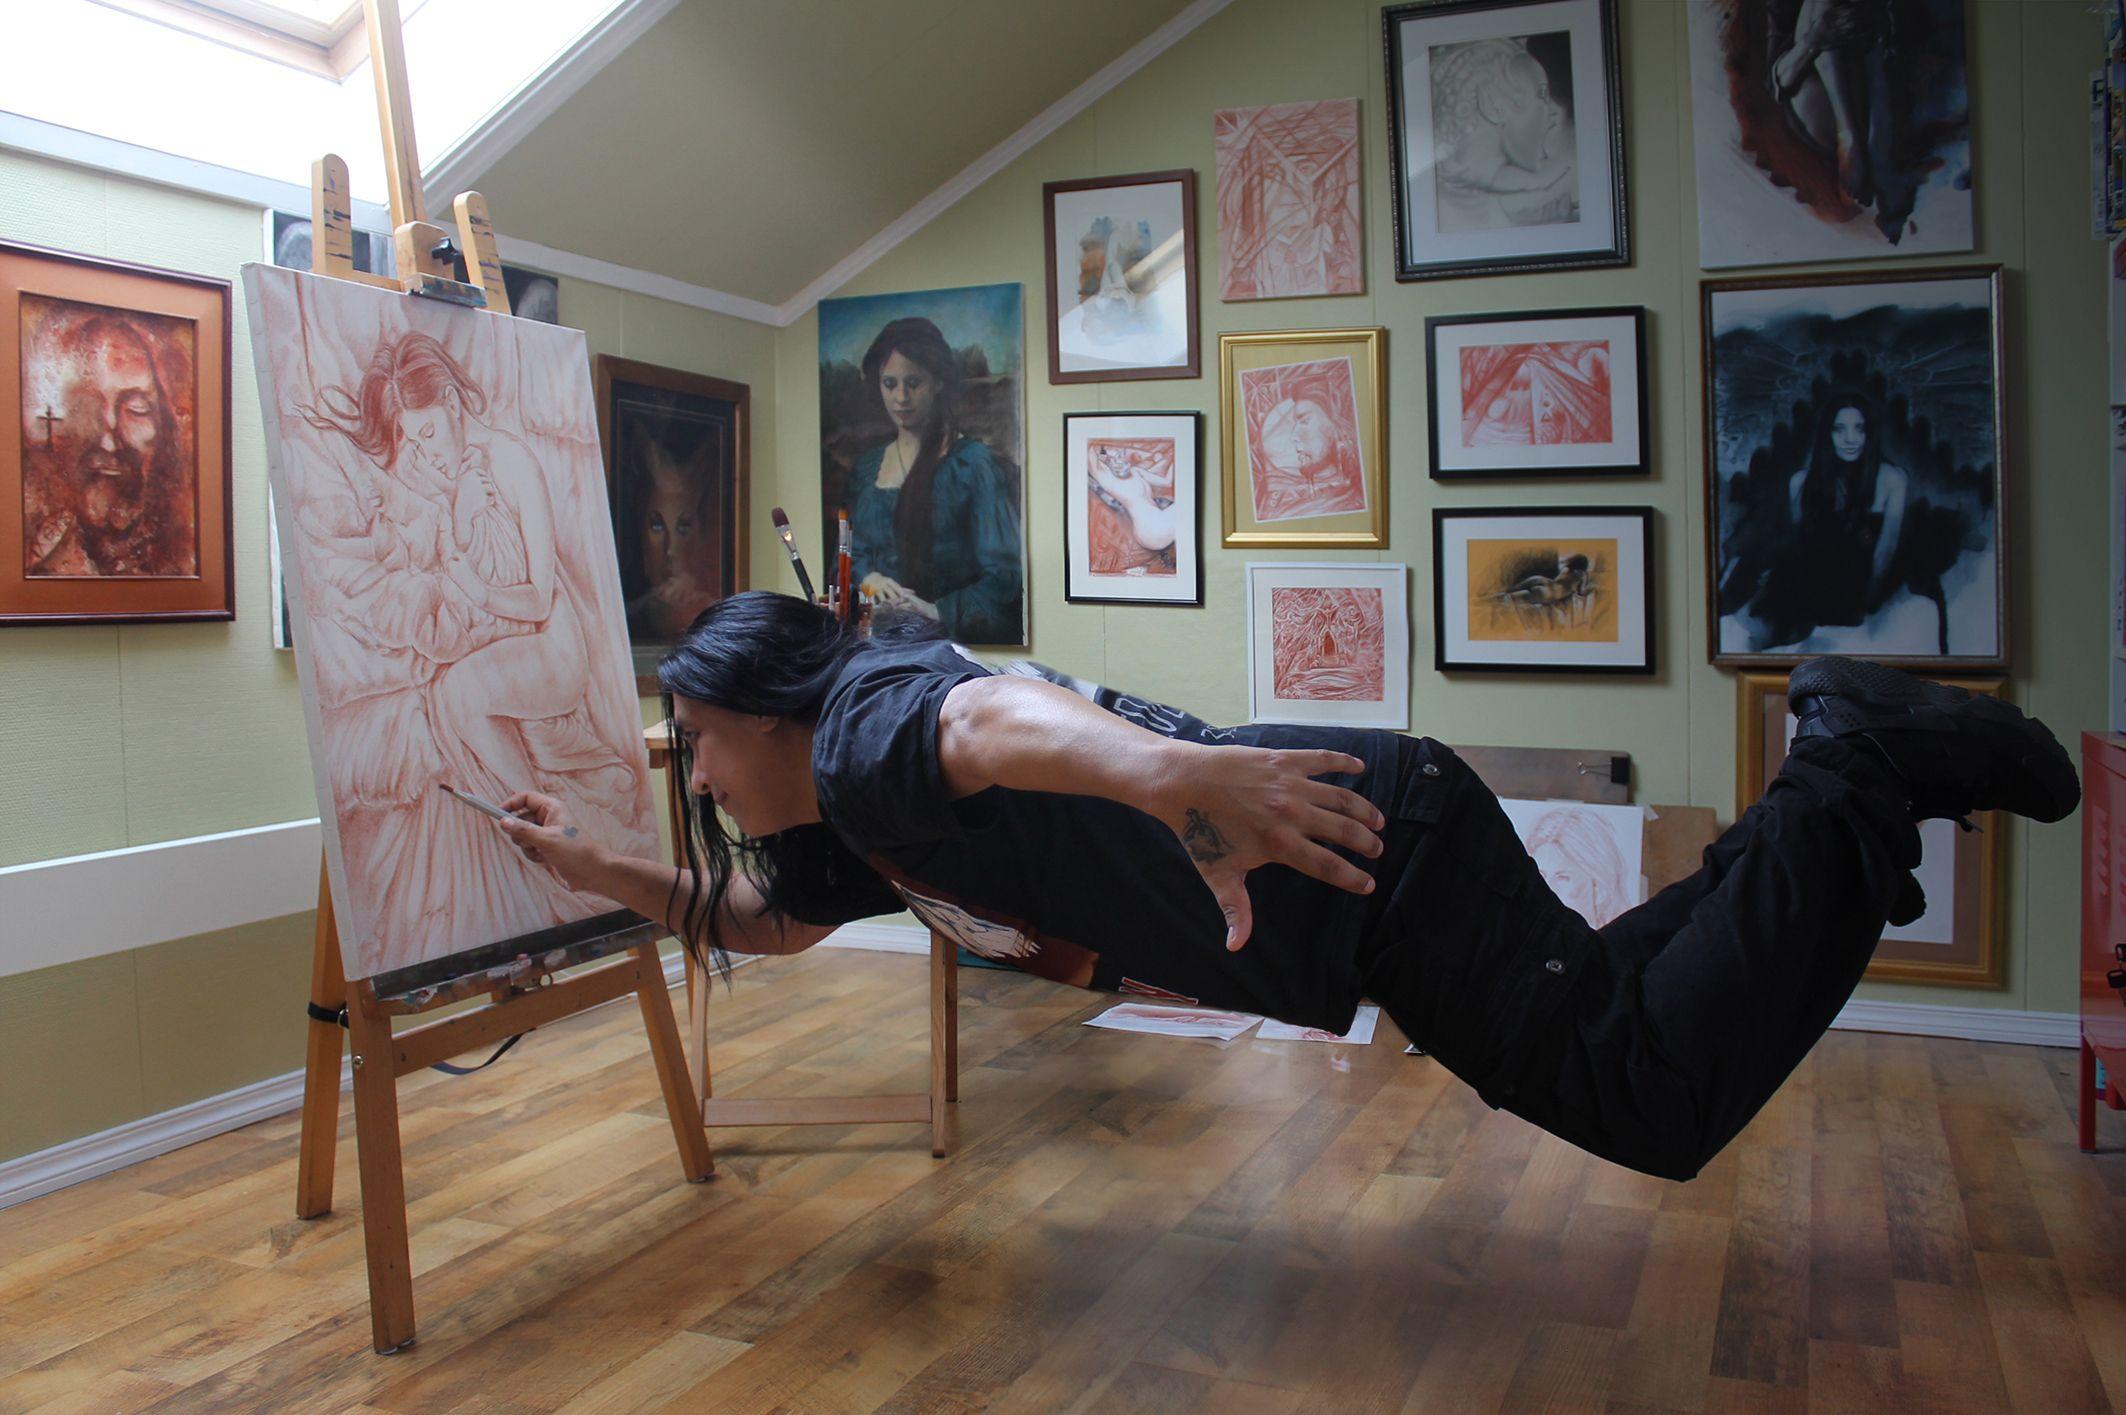 Levitation or transvection(spiritual energy) Levitando de pura alegría de estar vivo. Credit: Photo by Frøya Nuna Haus-Tinizaray.